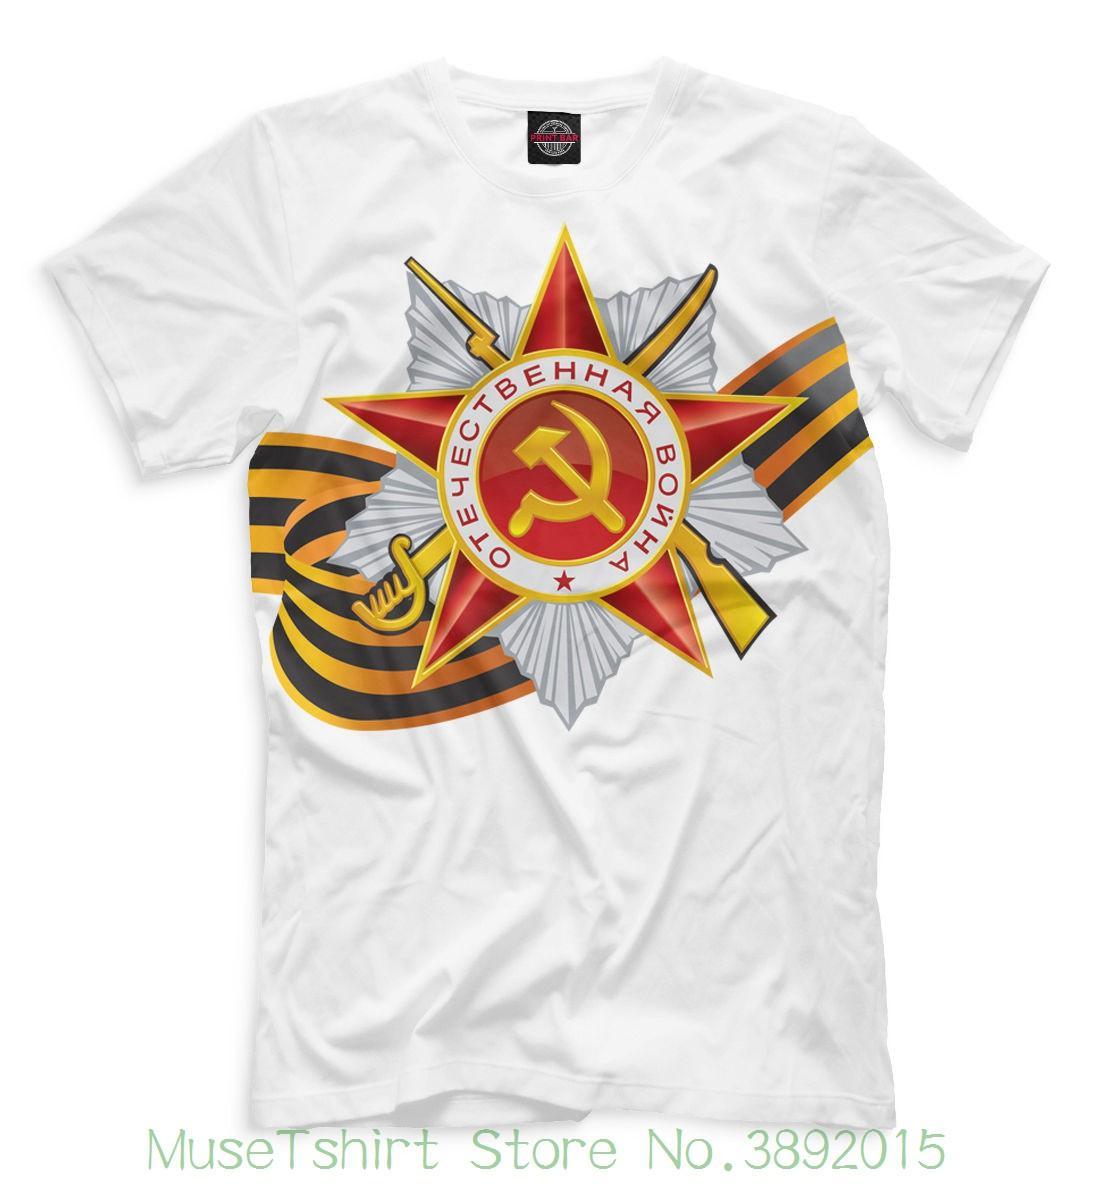 Grosshandel T Shirt Der Grosse Vaterlandischen Krieg Ww2 Russland